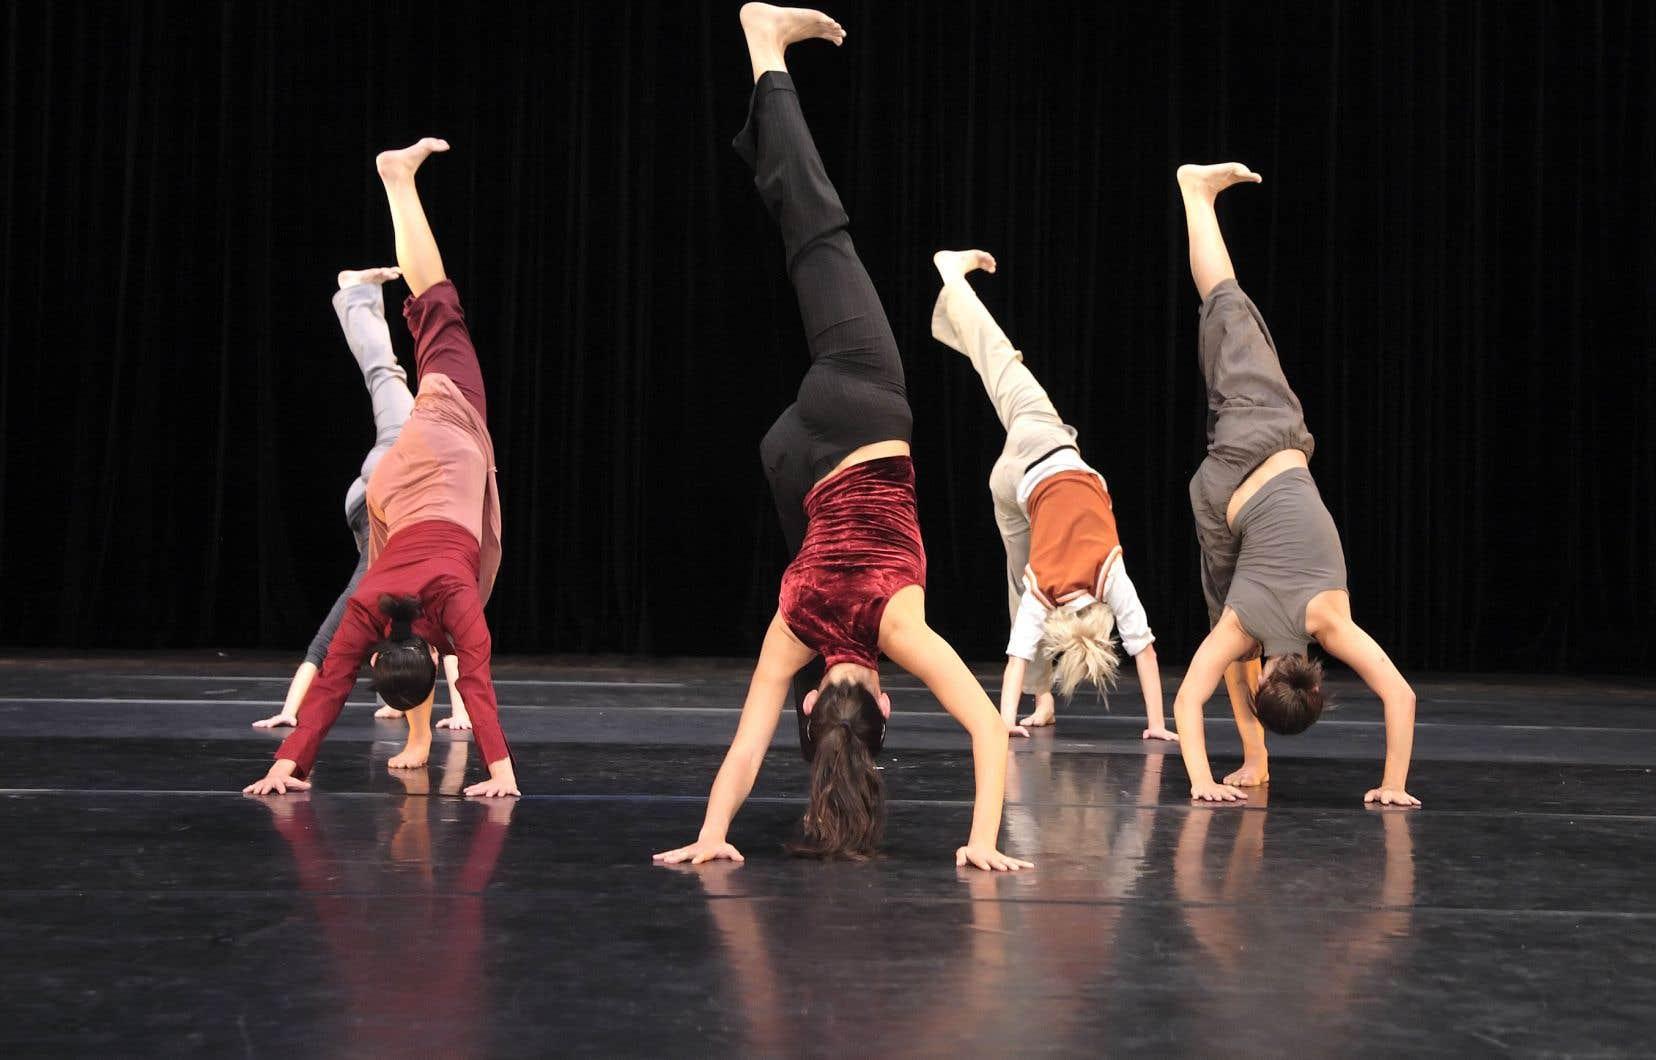 La danse est une discipline marquée par un déséquilibre dans la représentation des sexes, car 86% des danseurs sont des femmes.